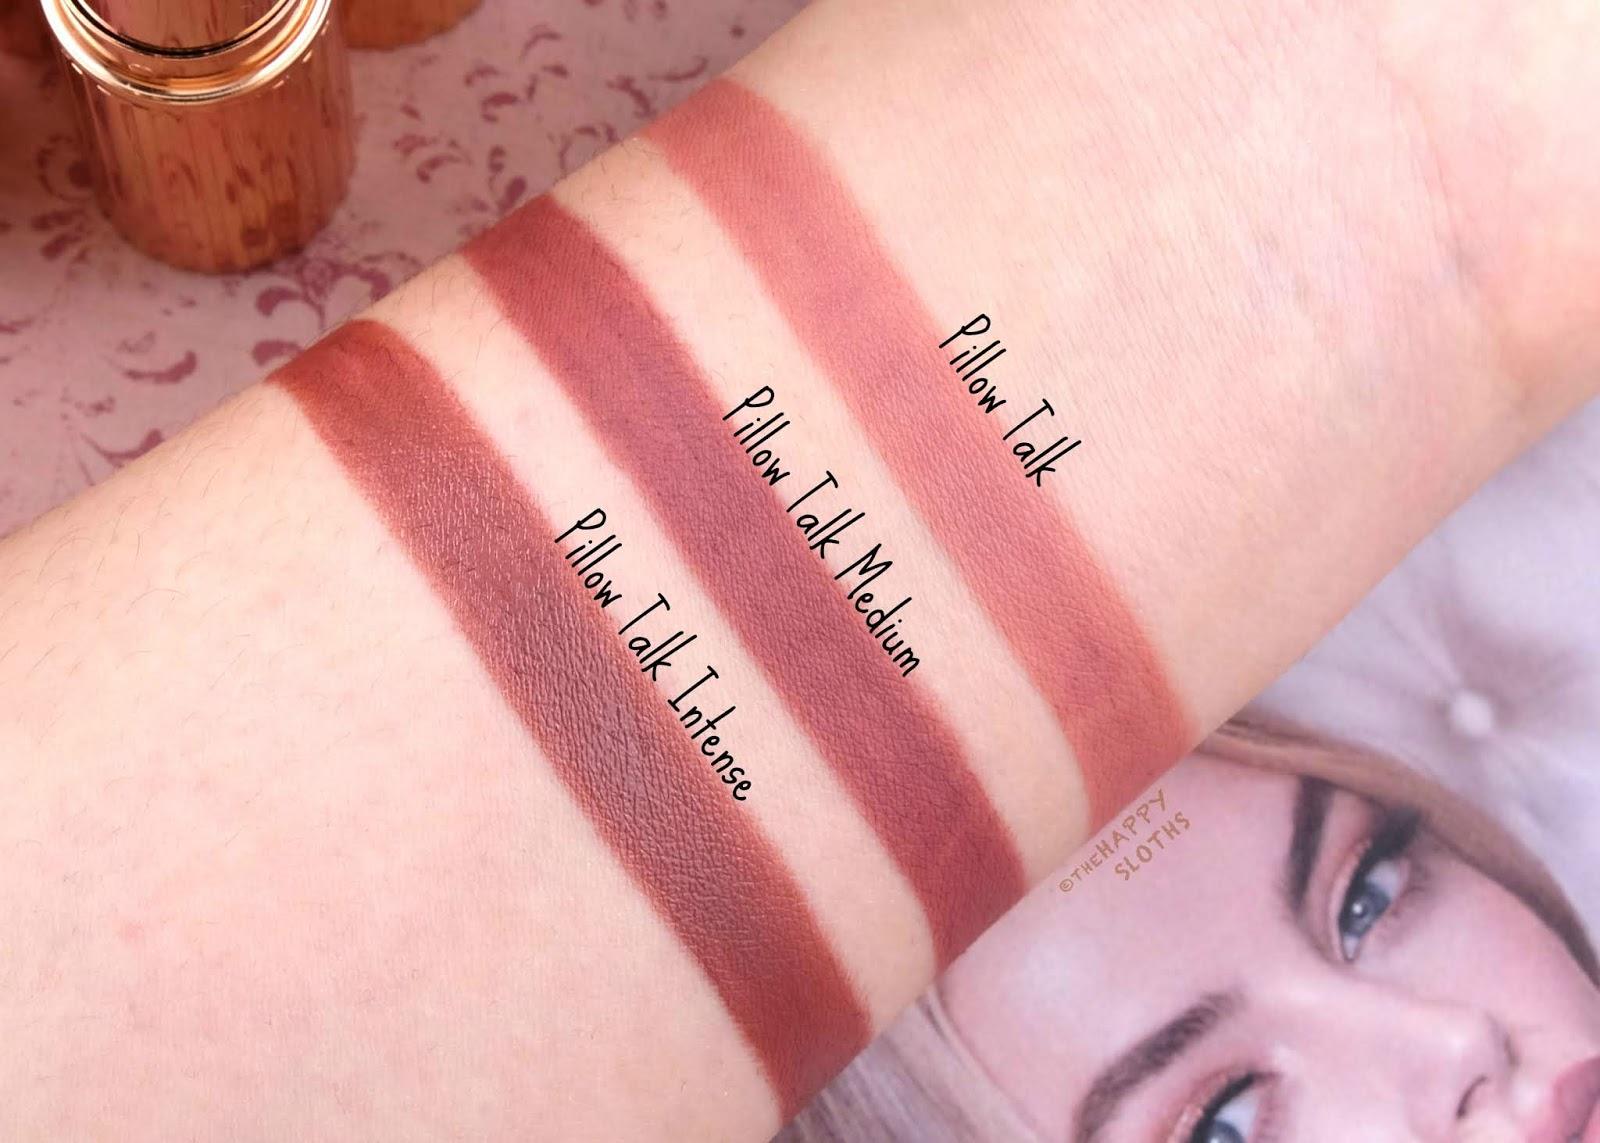 Charlotte Tilbury | Pillow Talk, Pillow Talk Medium & Pillow Talk Intense Lipstick: Review and Swatches